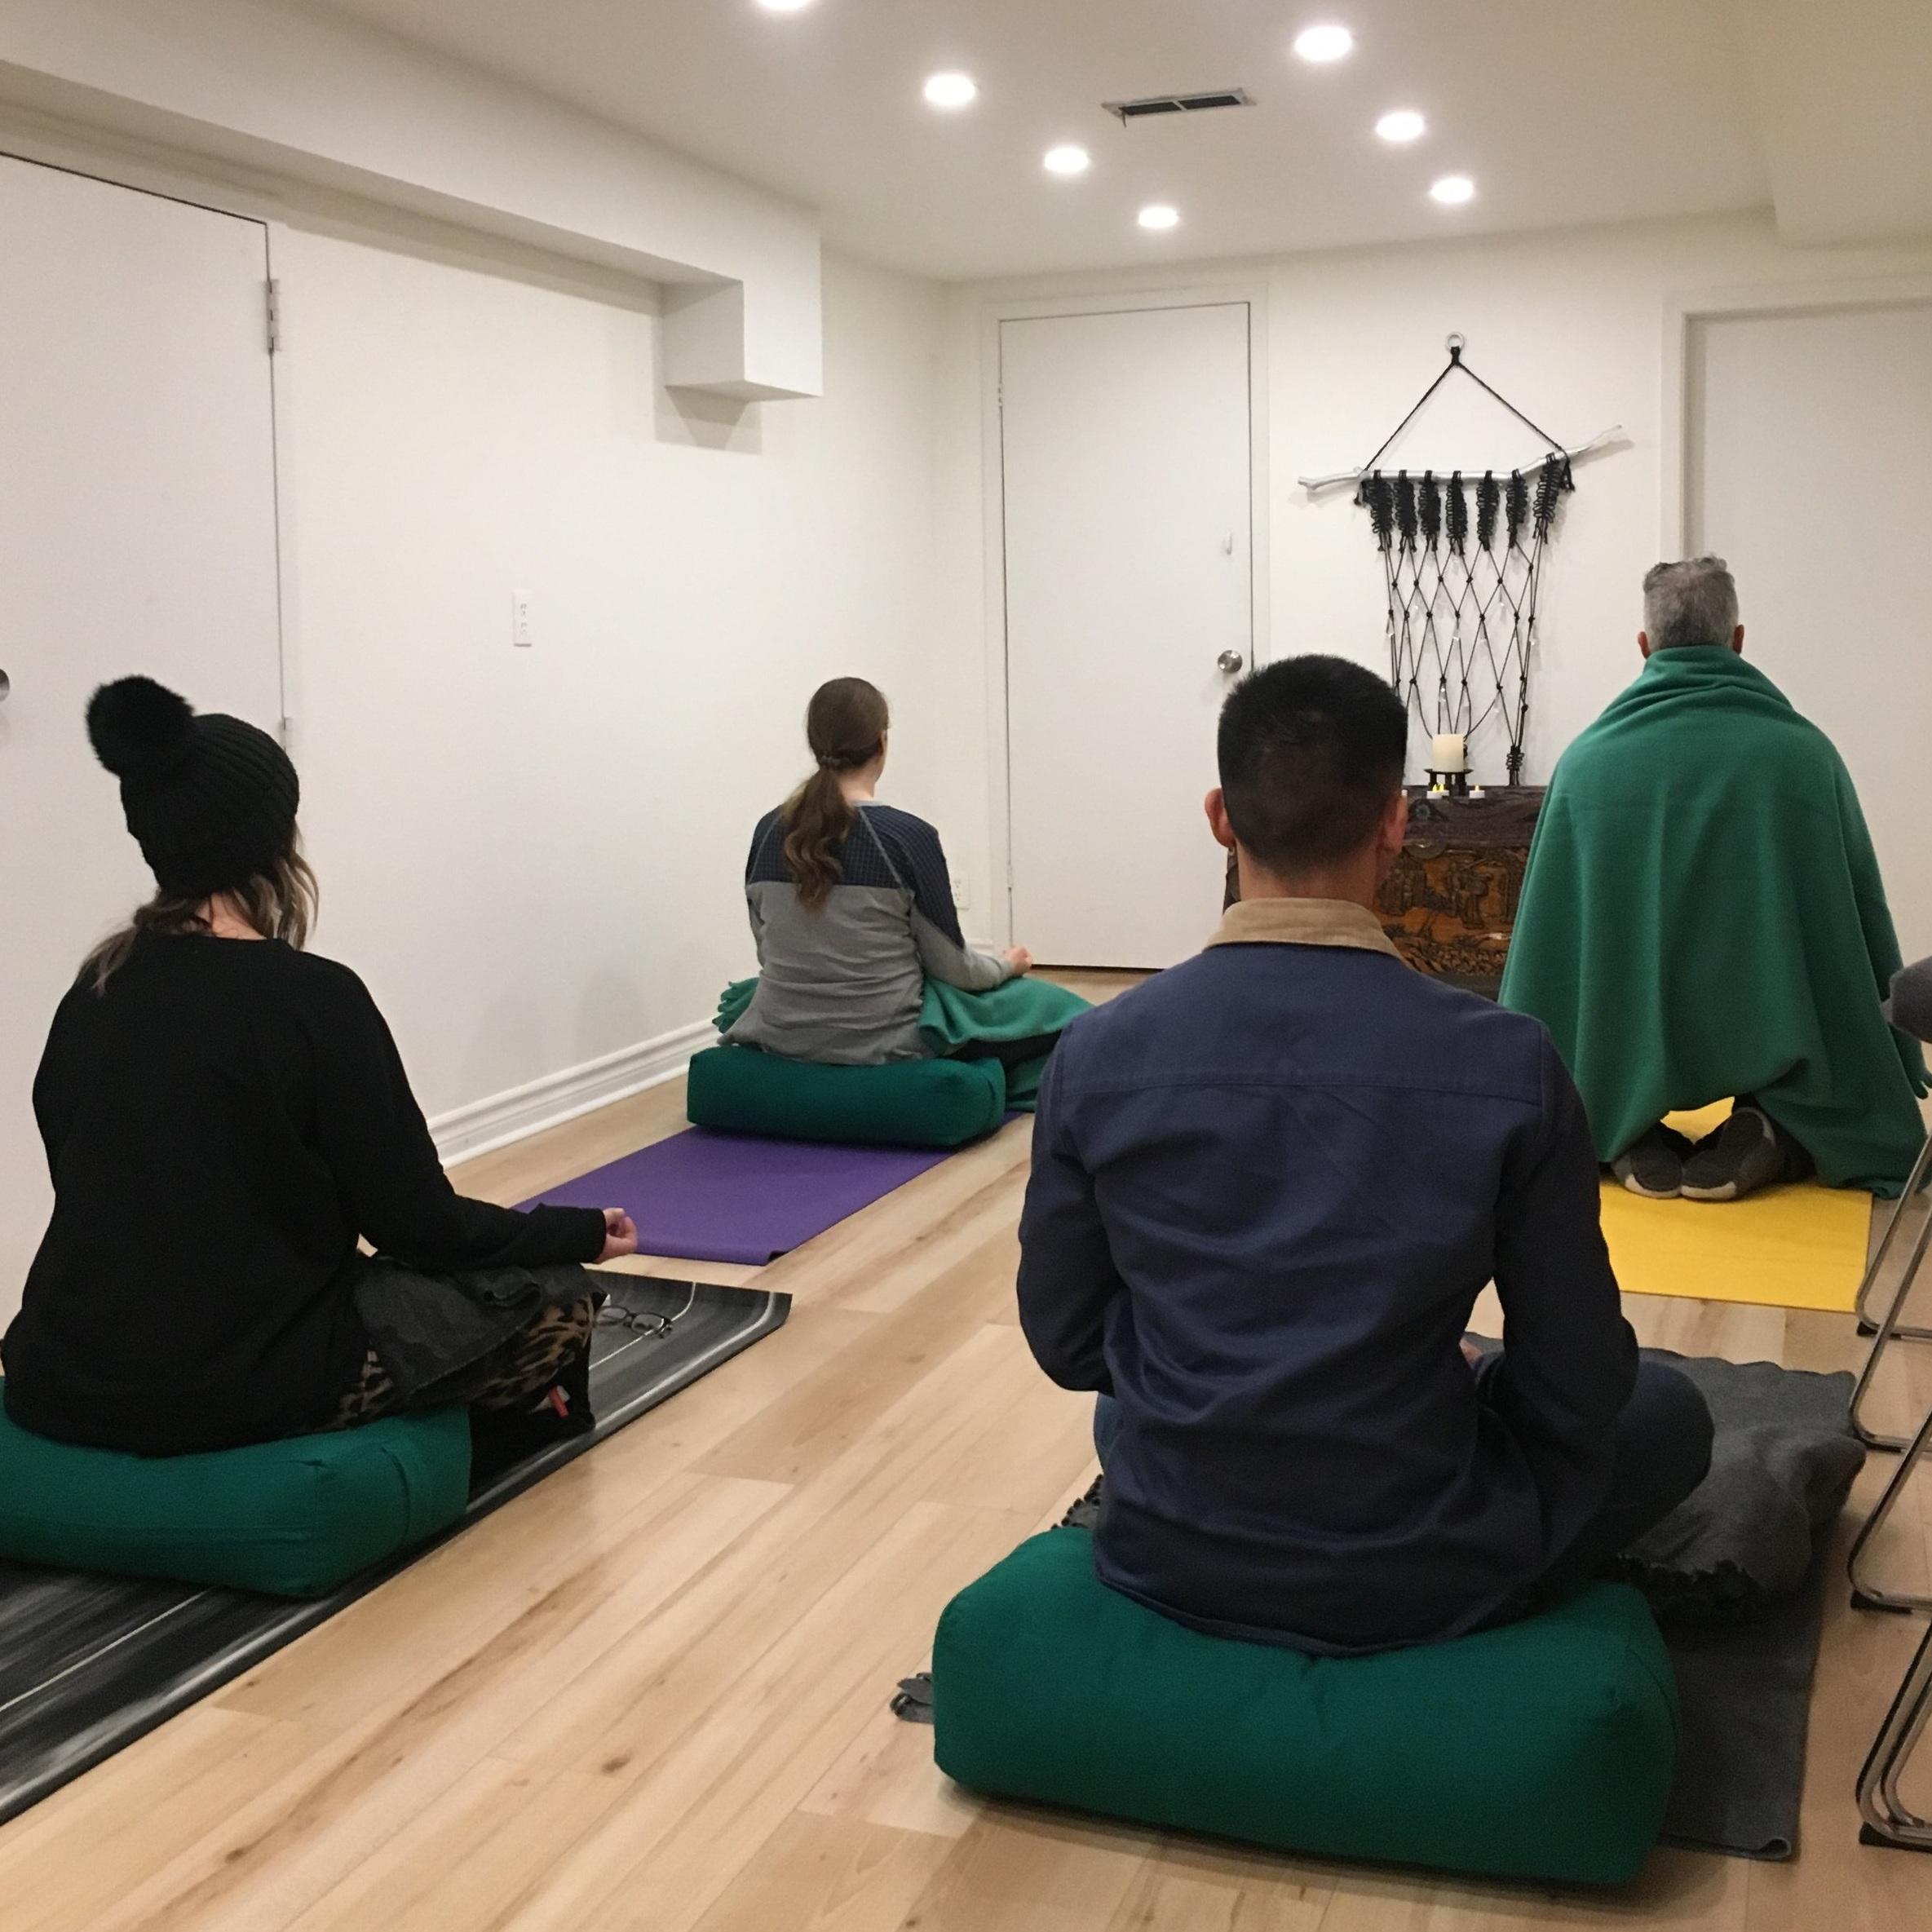 Beginners+Meditation+Class